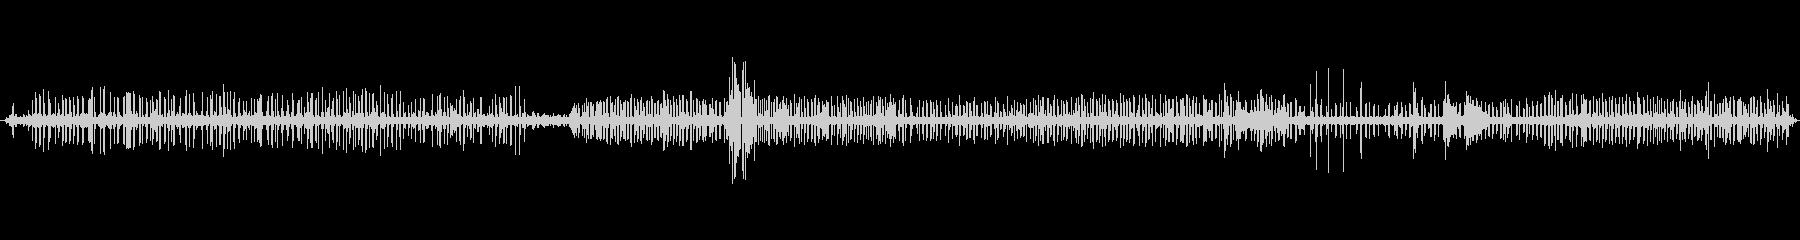 【自然音】栃木山中の鳥の声_3の未再生の波形